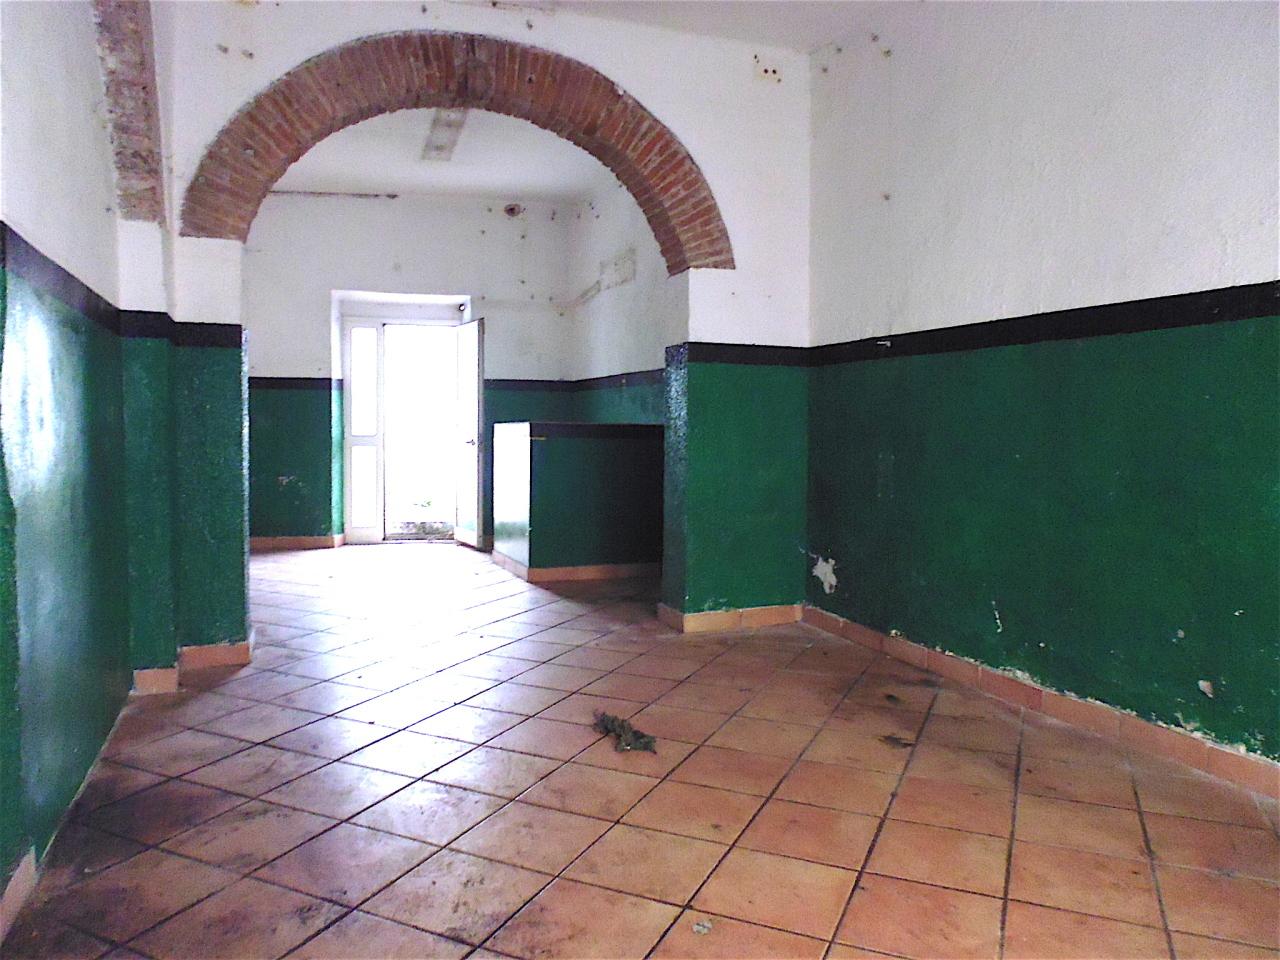 Negozio / Locale in affitto a Livorno, 2 locali, prezzo € 450 | CambioCasa.it